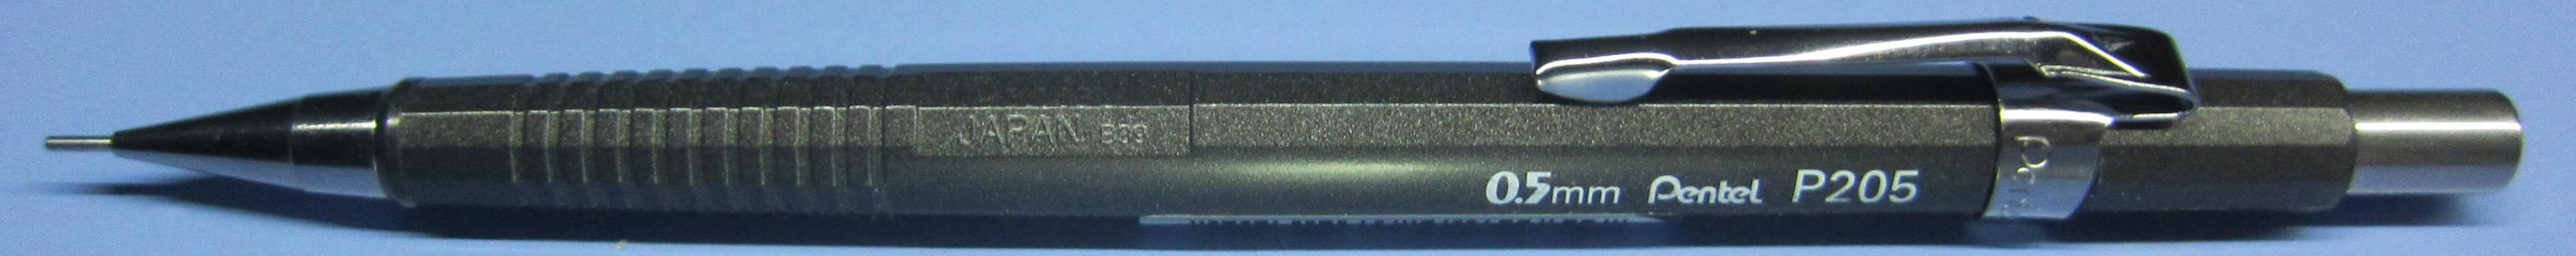 P205MNX (Gen 6) - 363